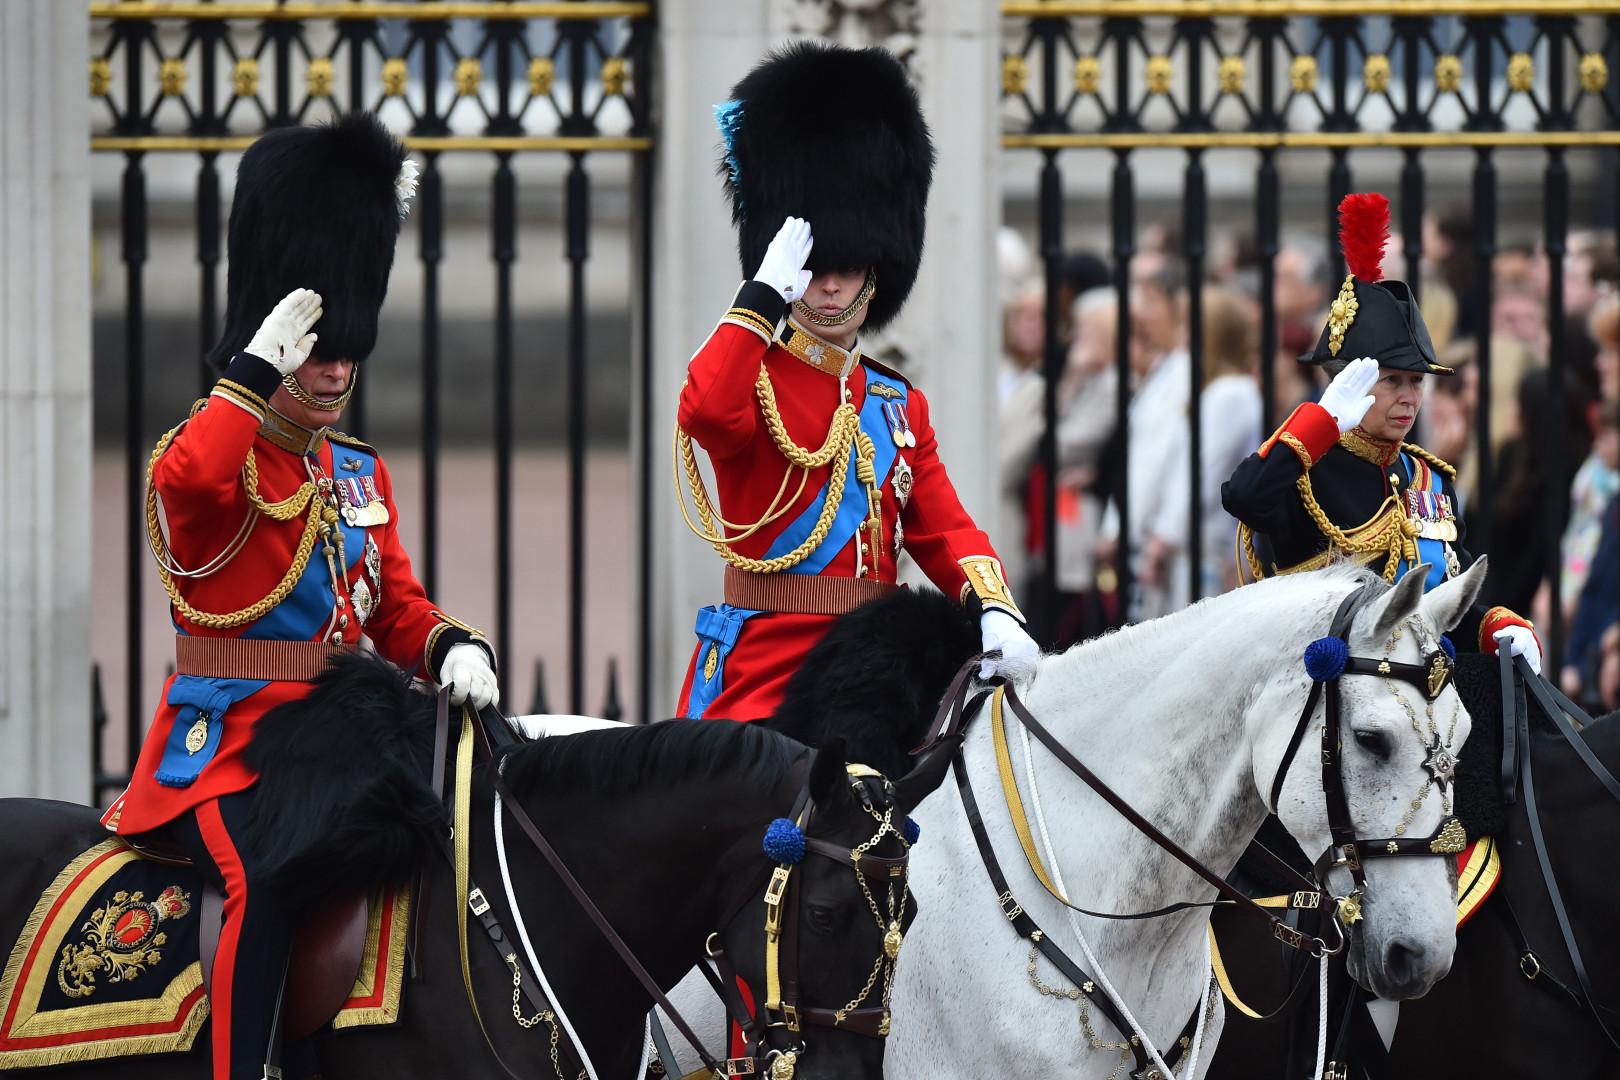 Les princes Charles et William lors de l'anniversaire de la reine d'Angleterre